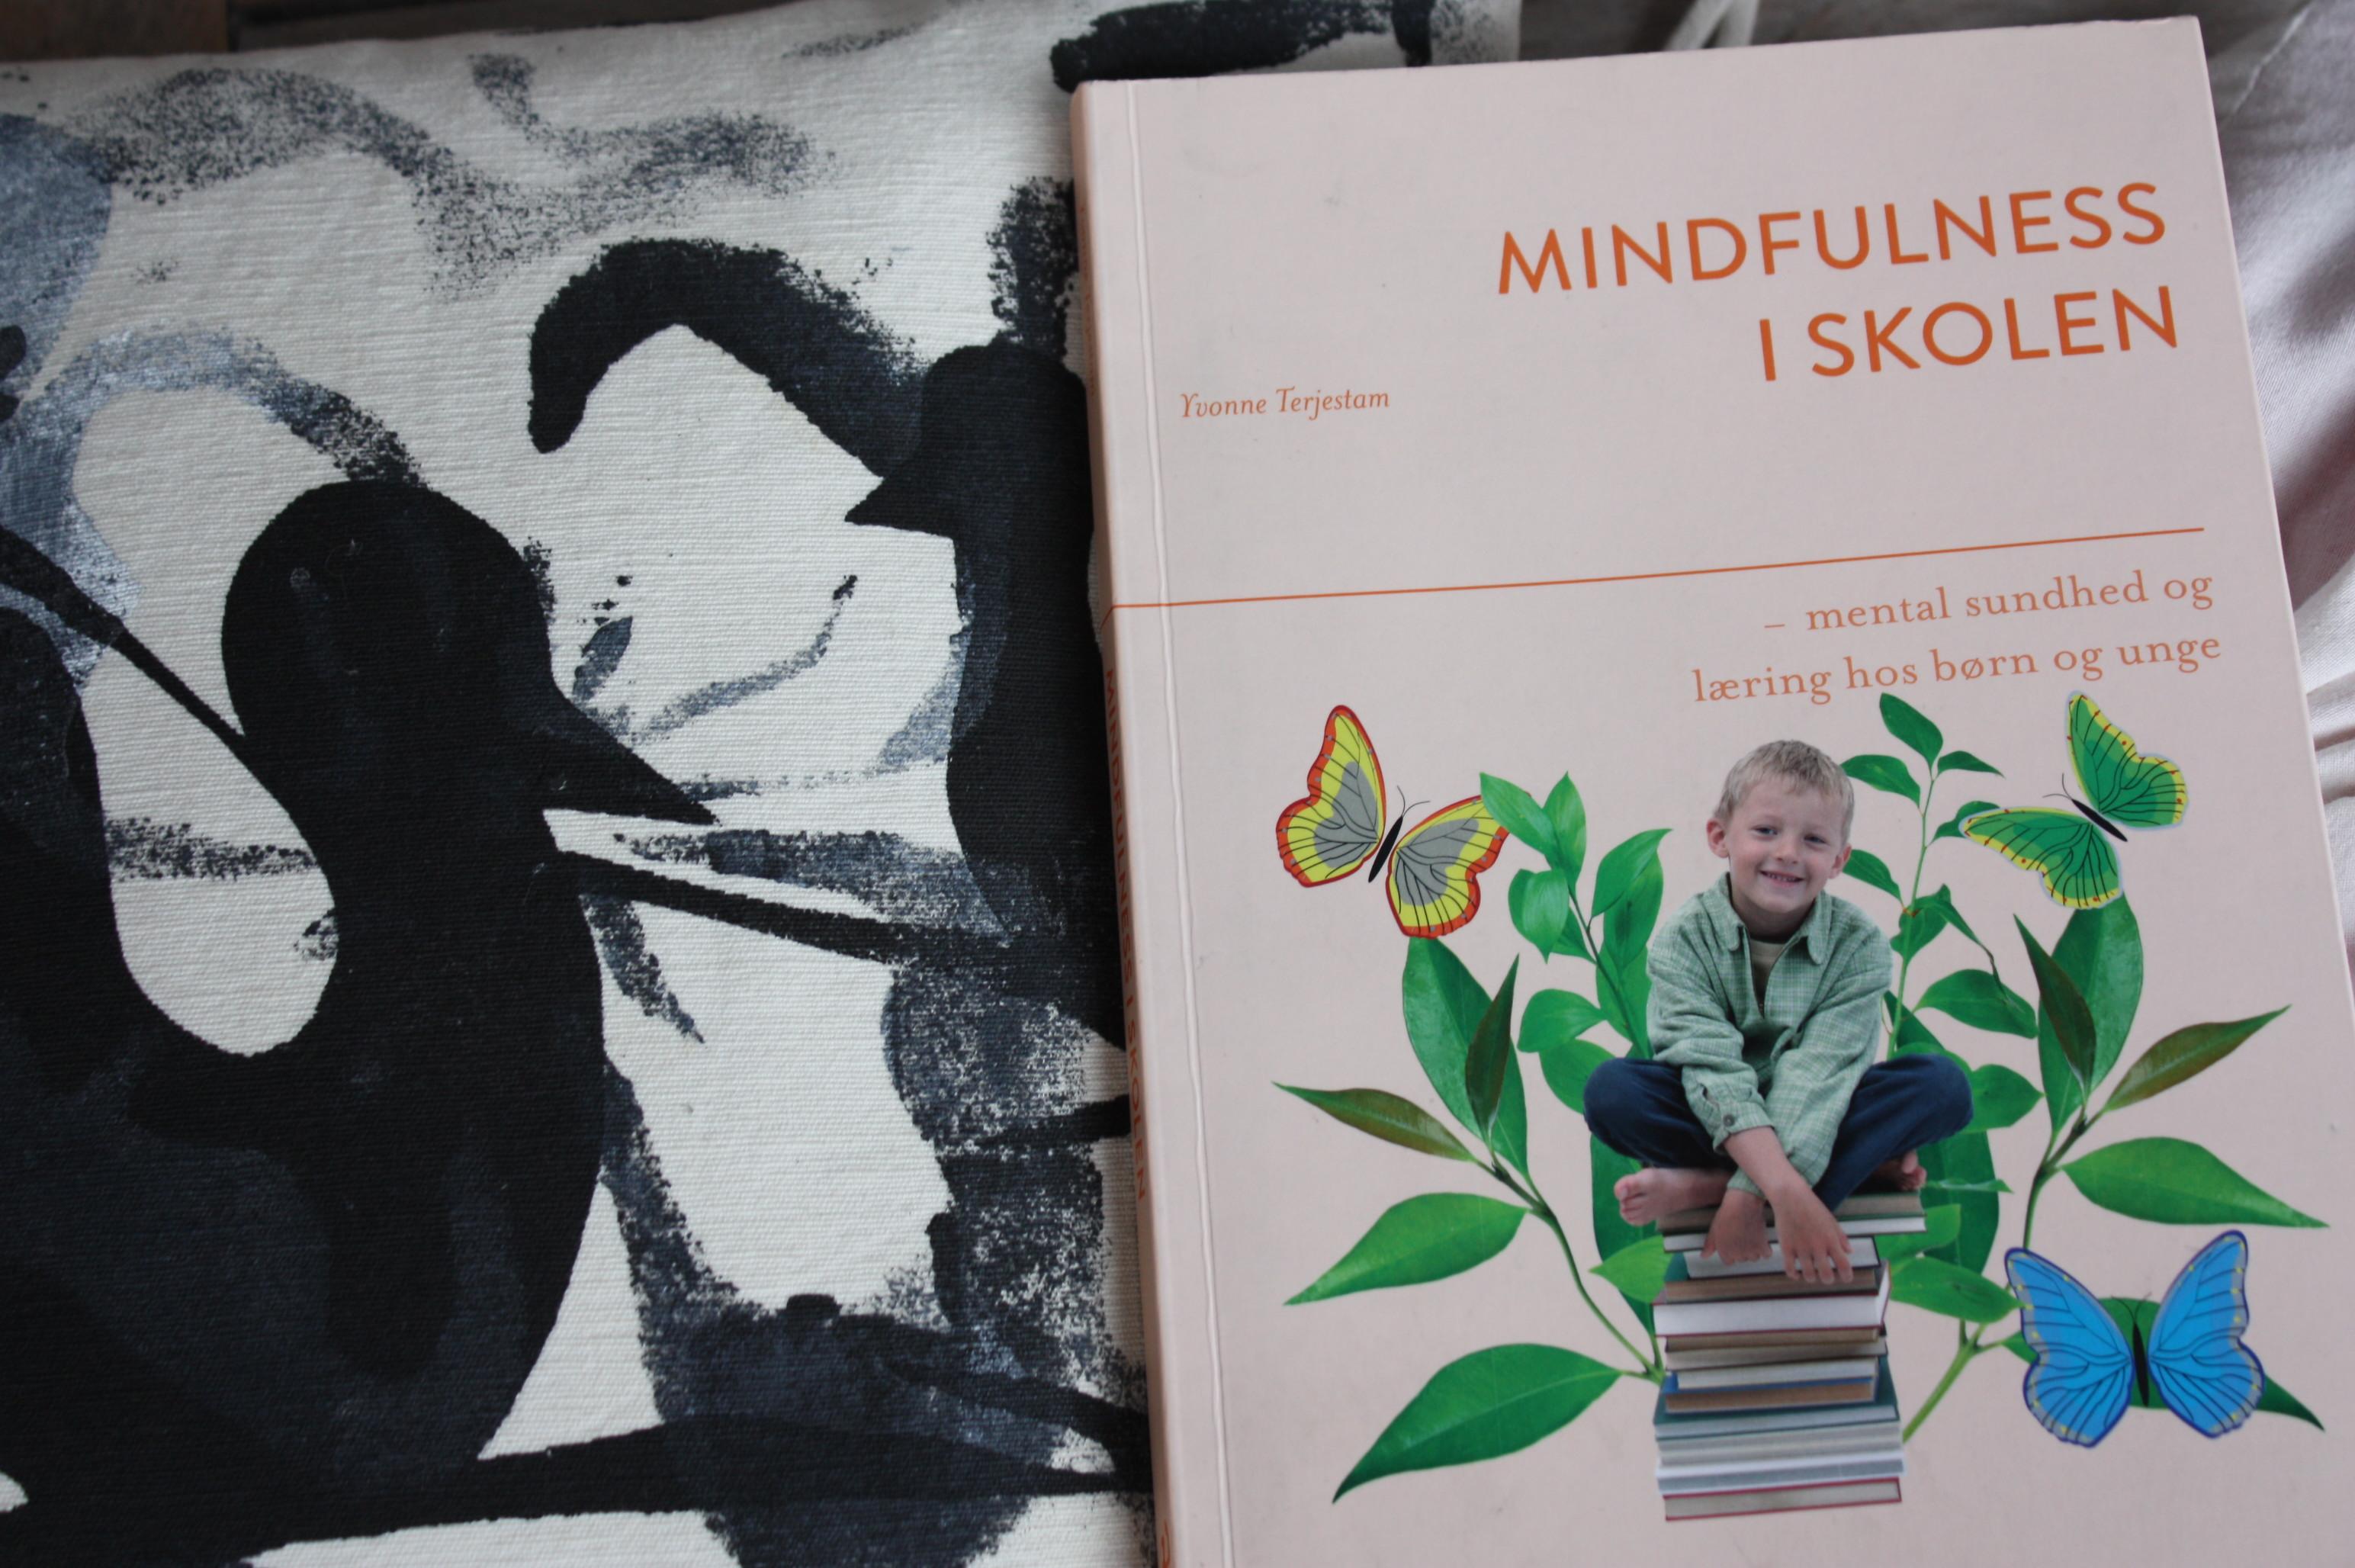 Mindfulness i skolen